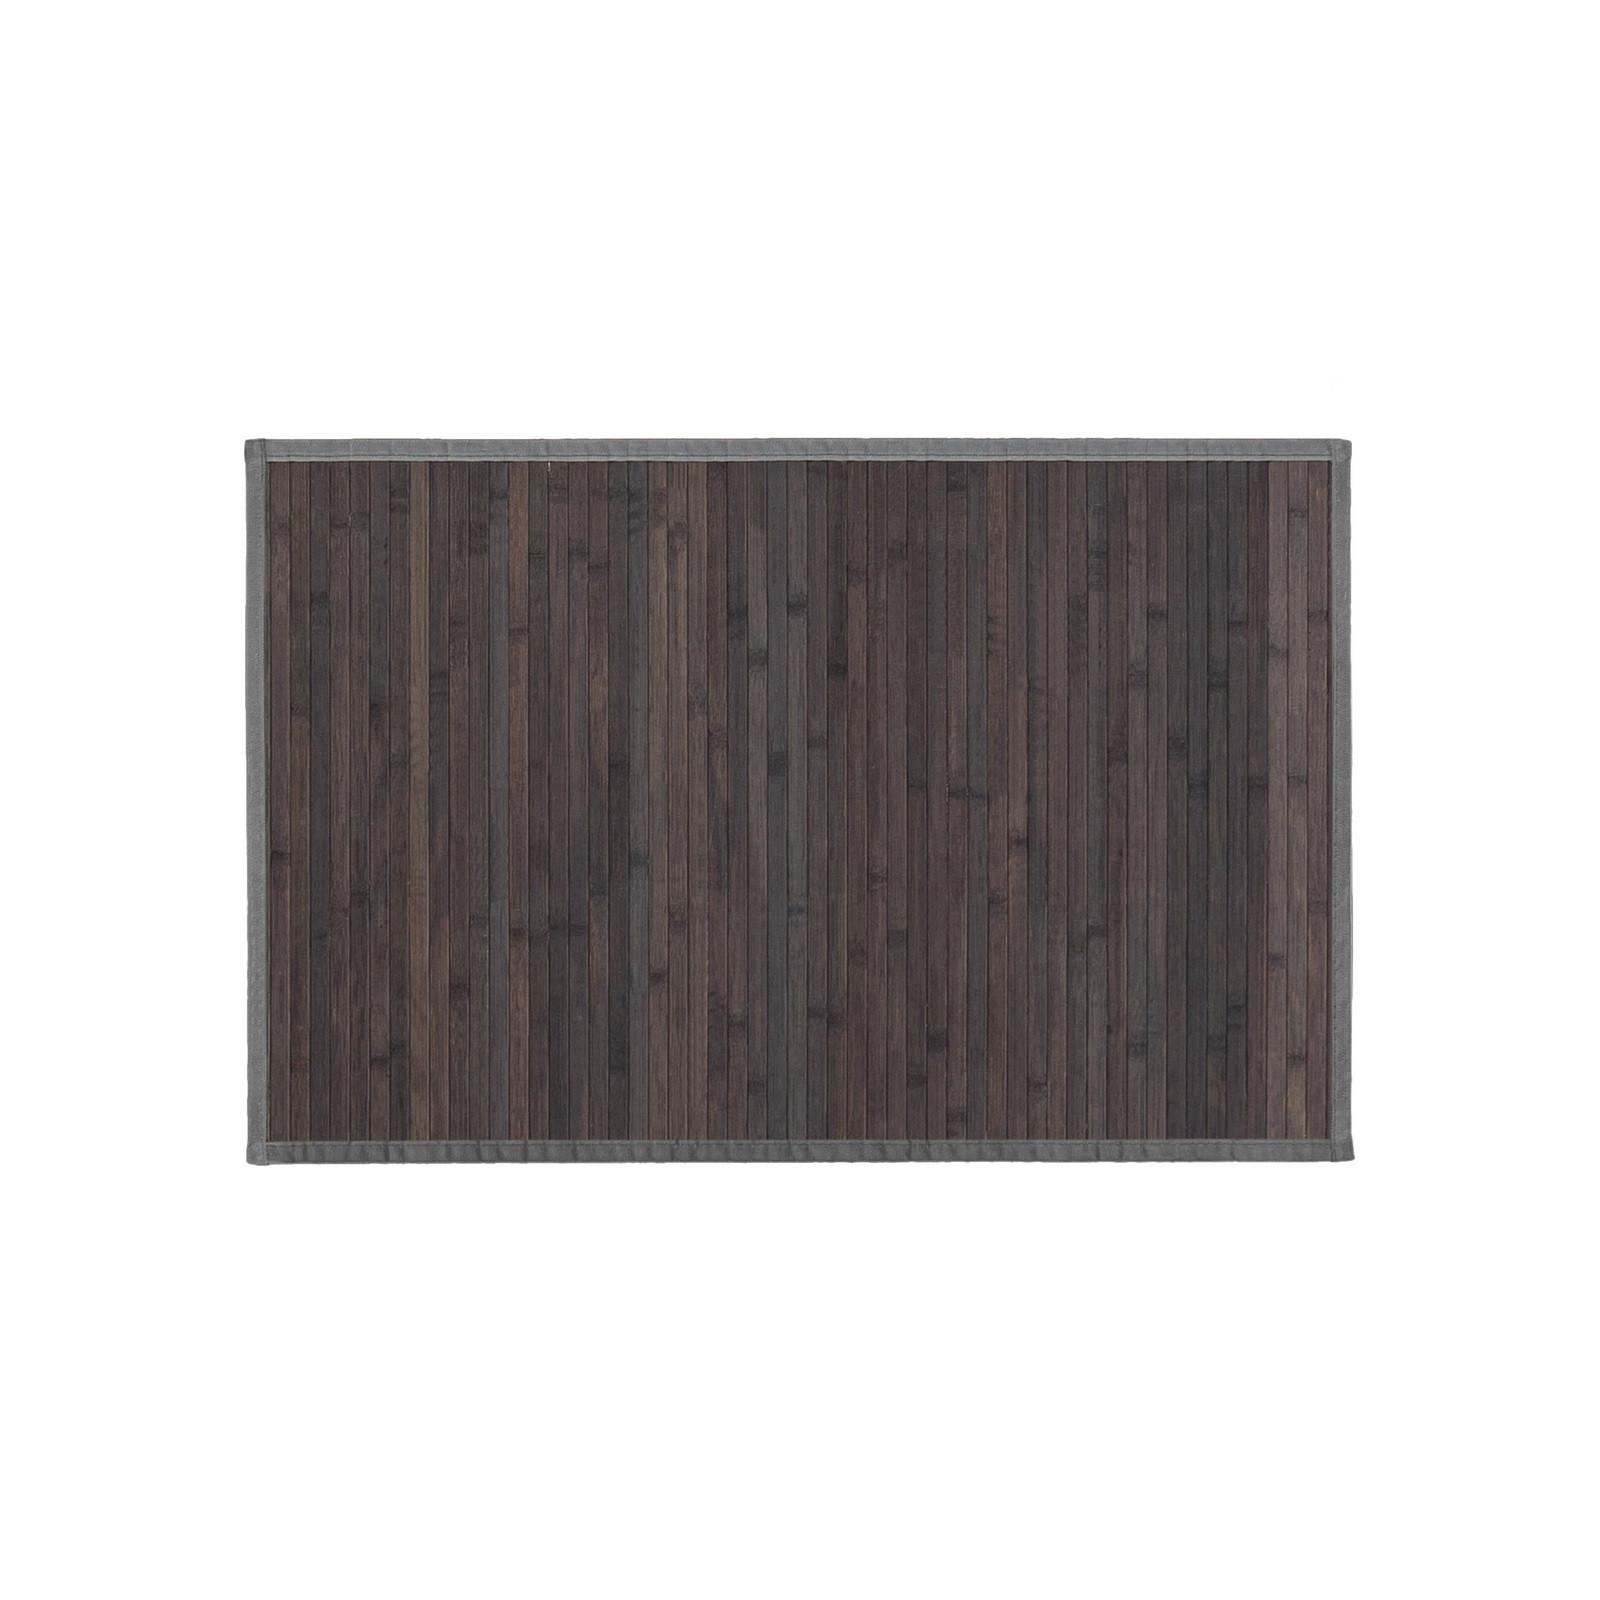 Alfombras de bambu de colores alfombras de bamb de colores with alfombras de bambu de colores - Alfombras bambu colores ...